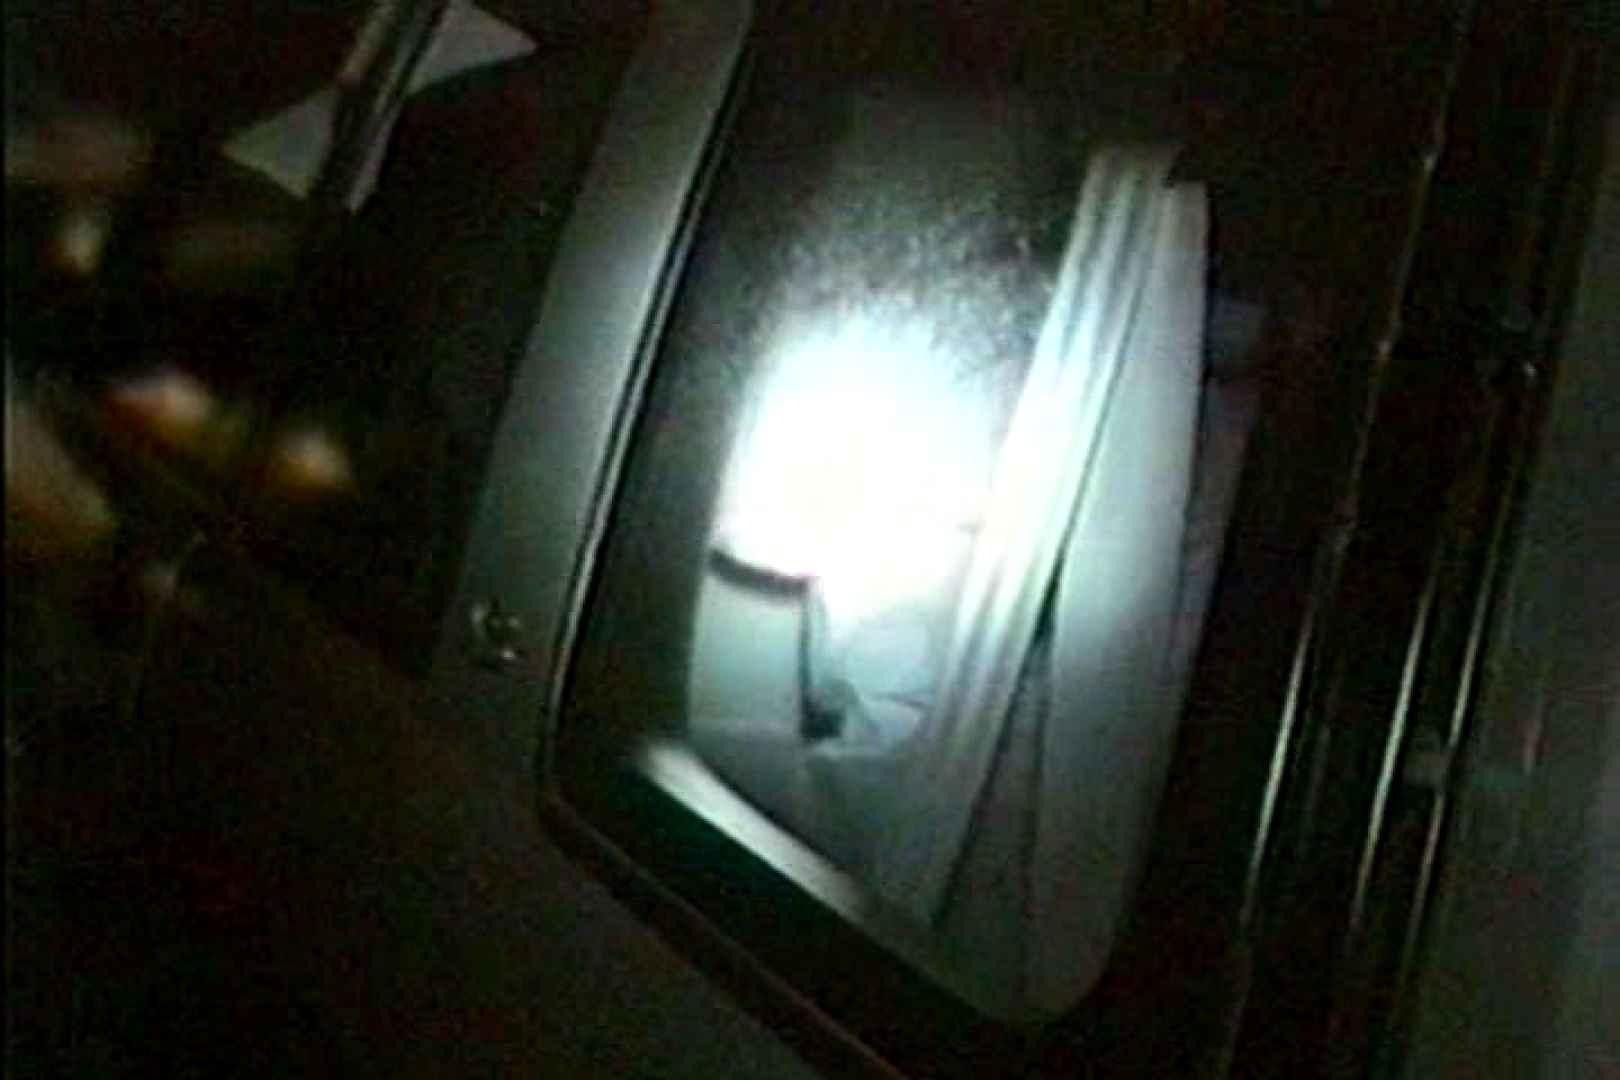 車の中はラブホテル 無修正版  Vol.6 エロティックなOL ワレメ無修正動画無料 89画像 26